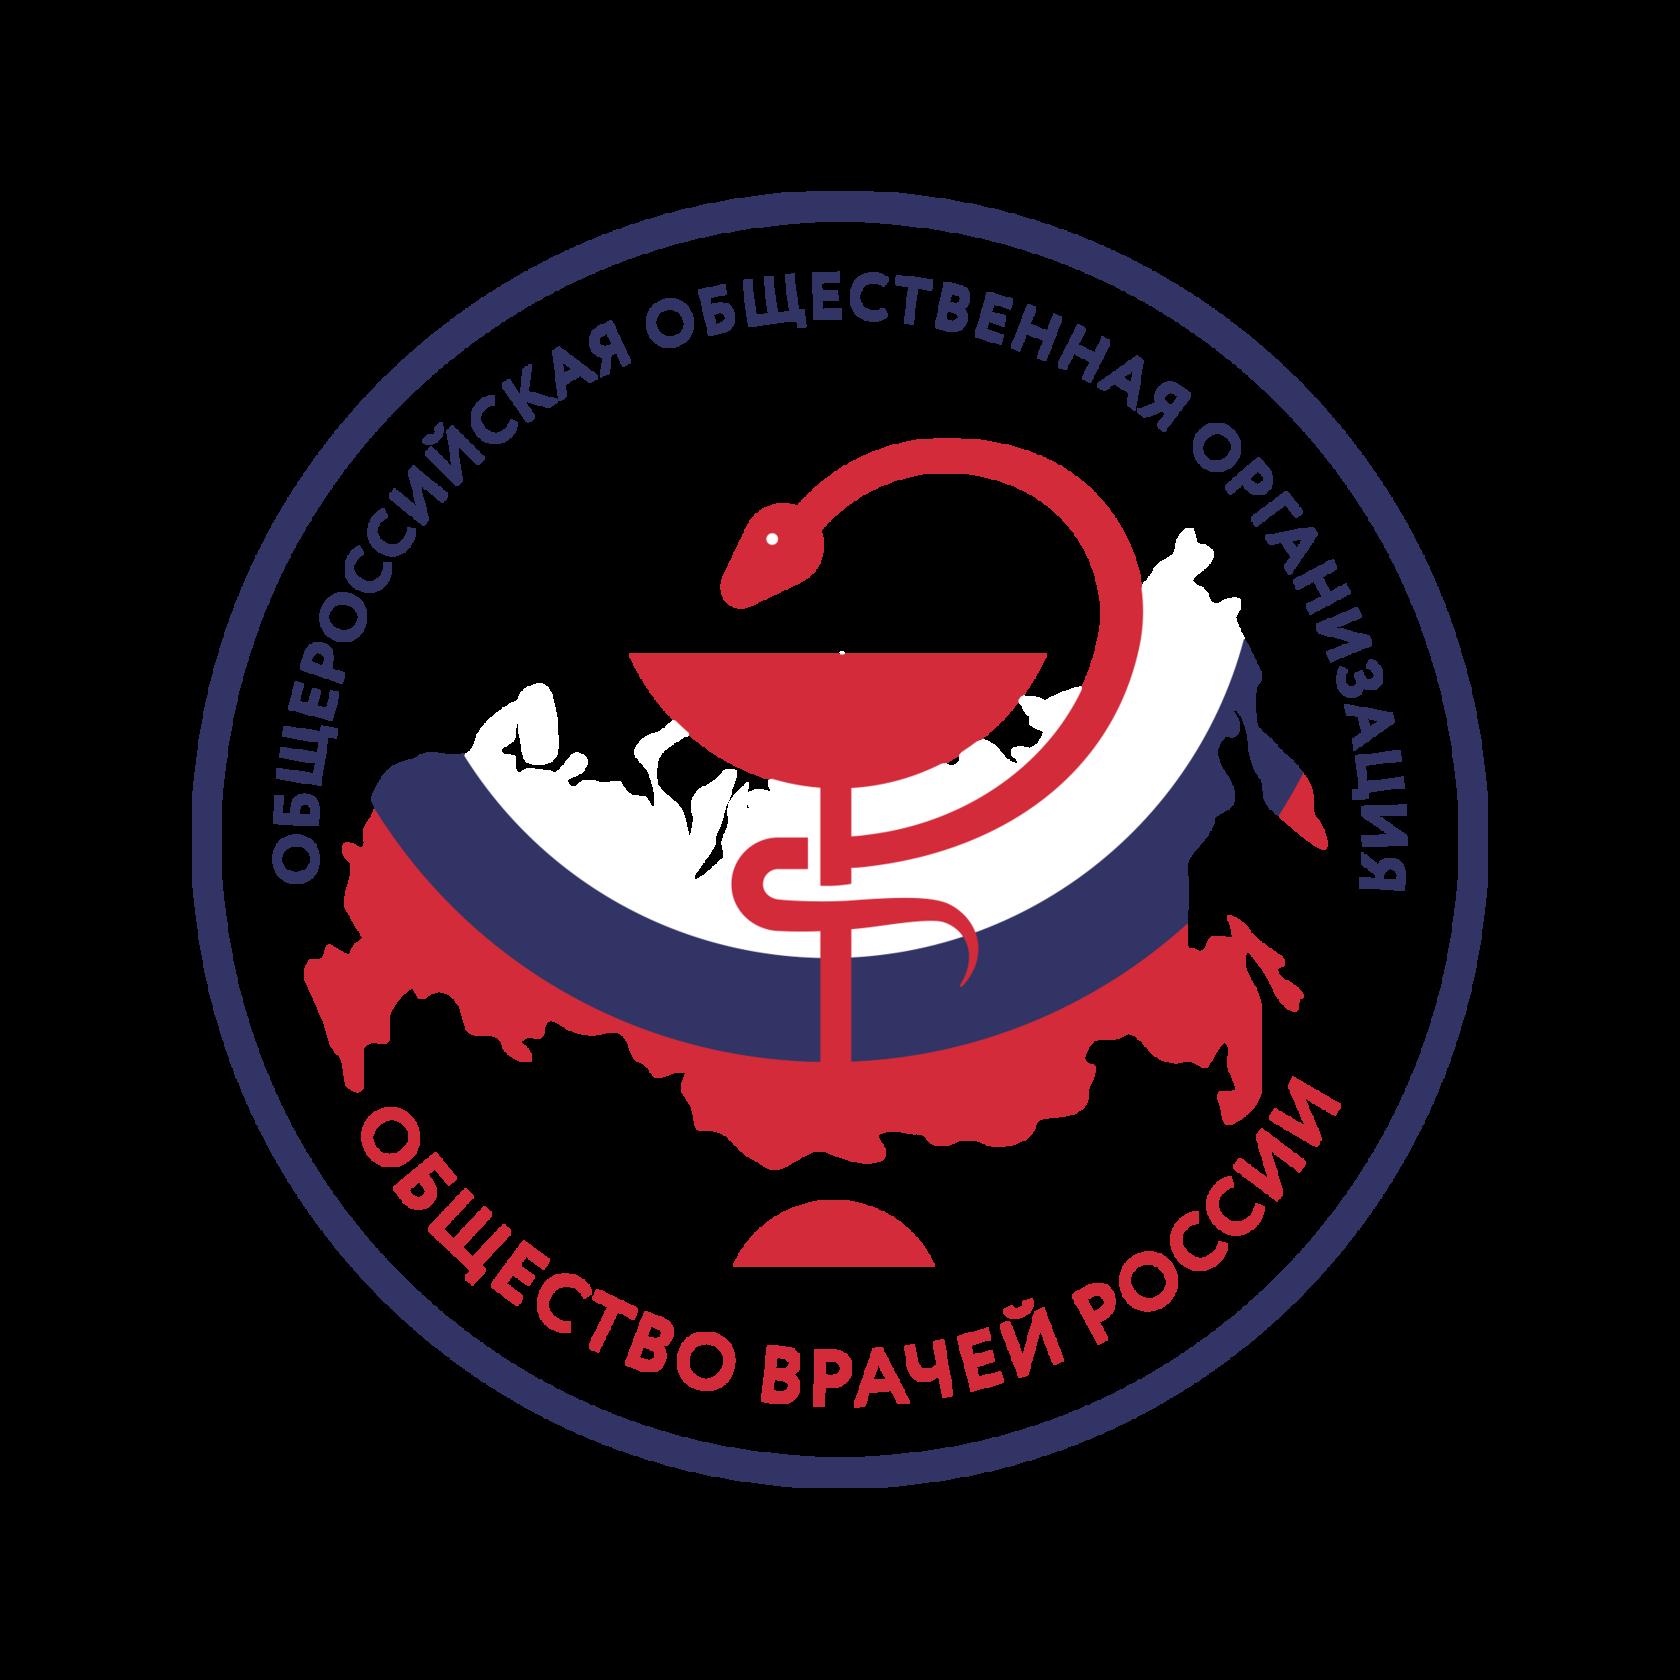 Общество врачей России